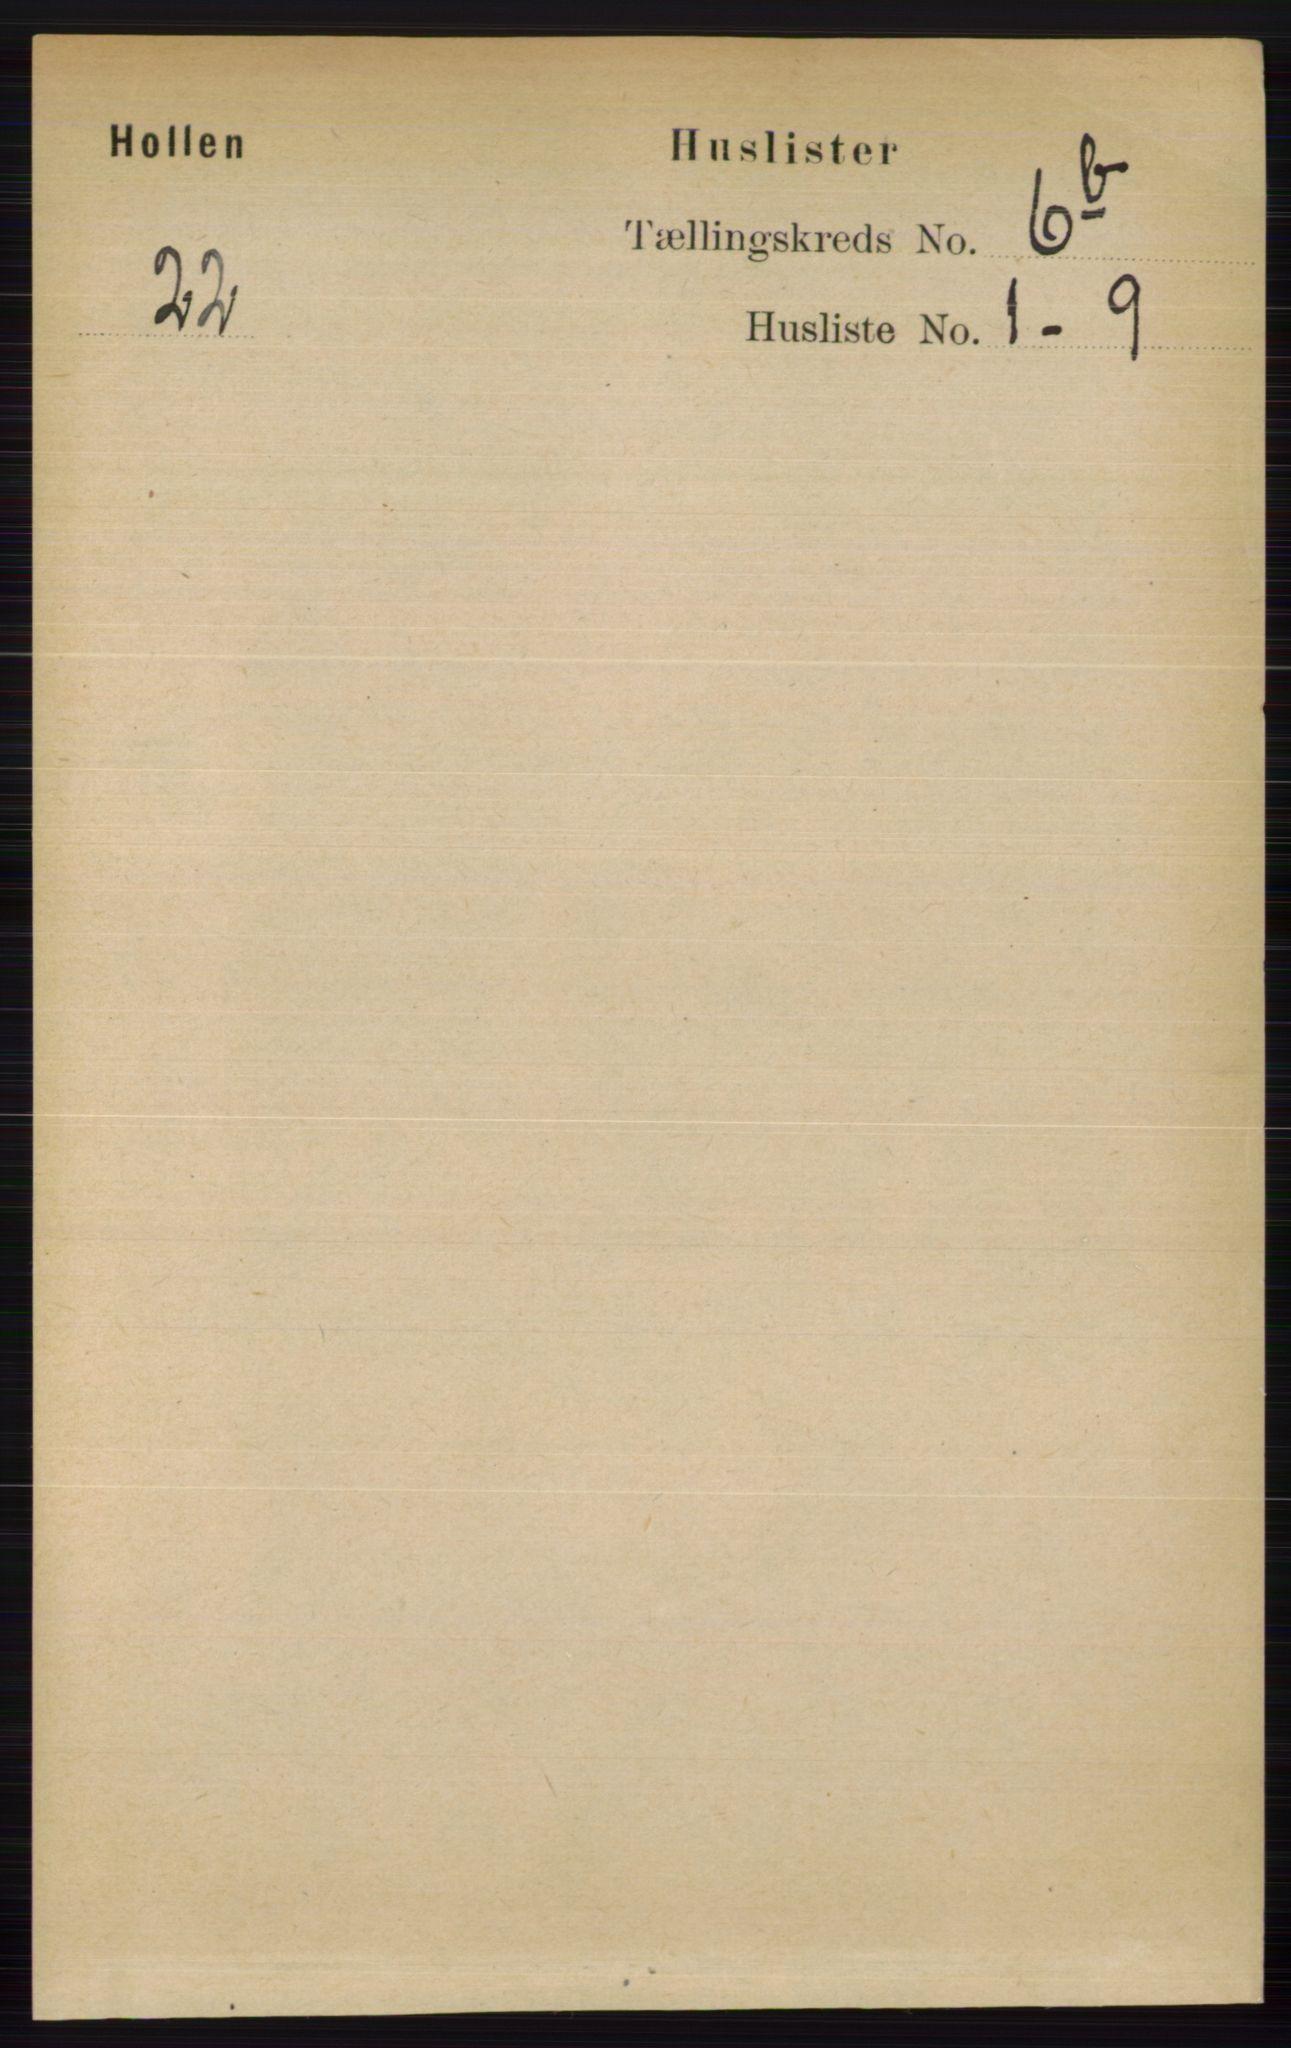 RA, Folketelling 1891 for 0819 Holla herred, 1891, s. 3159